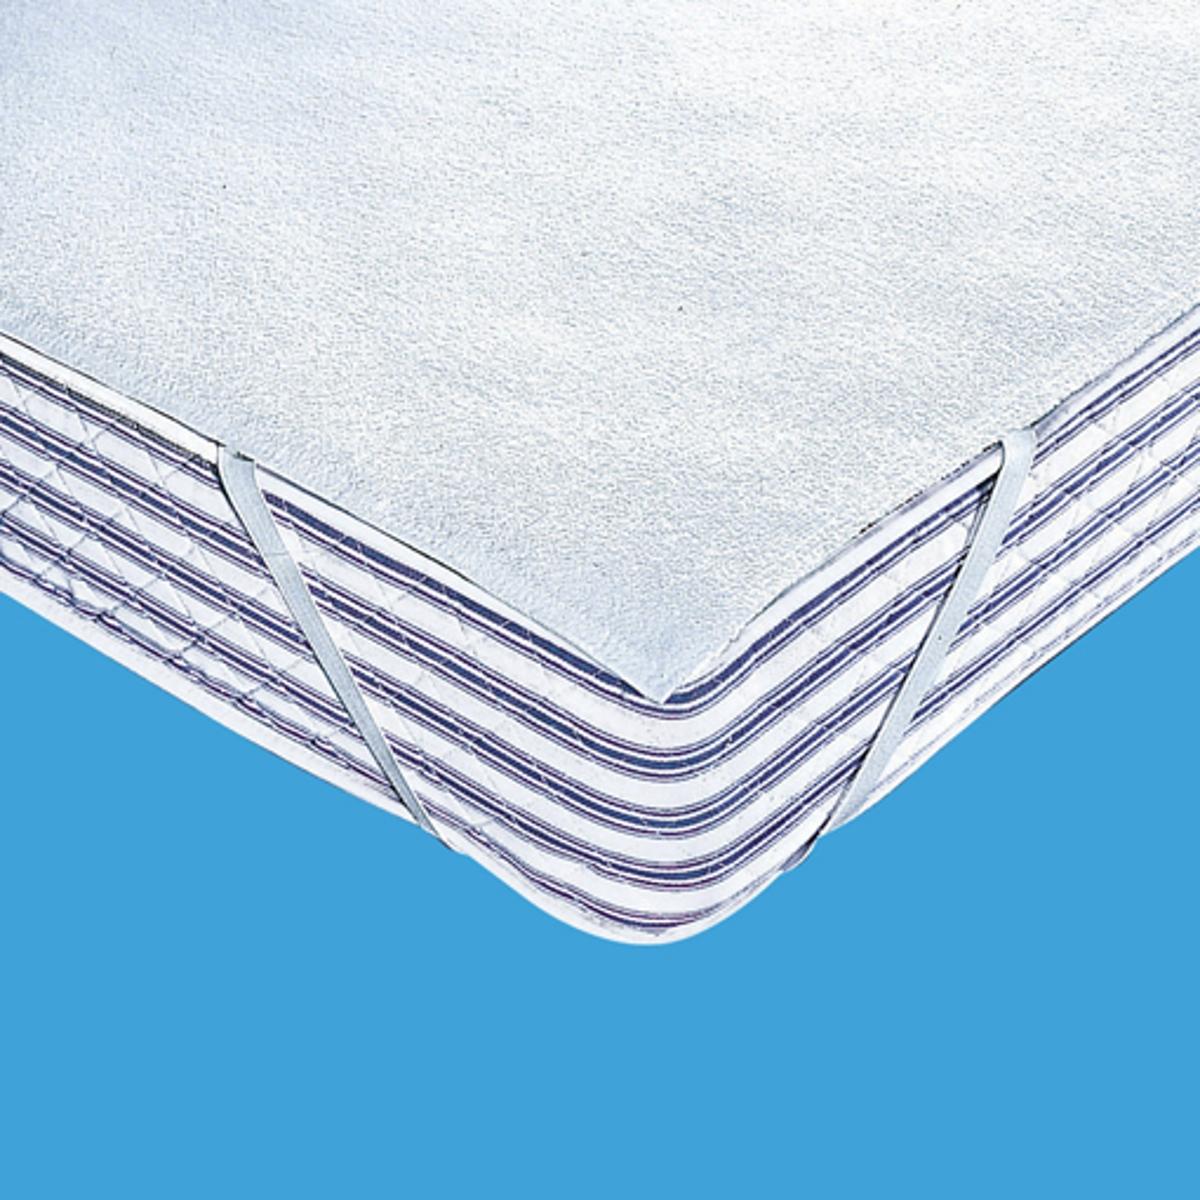 Чехол La Redoute Защитный для матраса гм из махровой ткани с непромокаемым покрытием из ПВХ 60 x 120 см белый чехол la redoute защитный для матраса гм из махровой ткани с непромокаемым покрытием из пвх 60 x 120 см белый